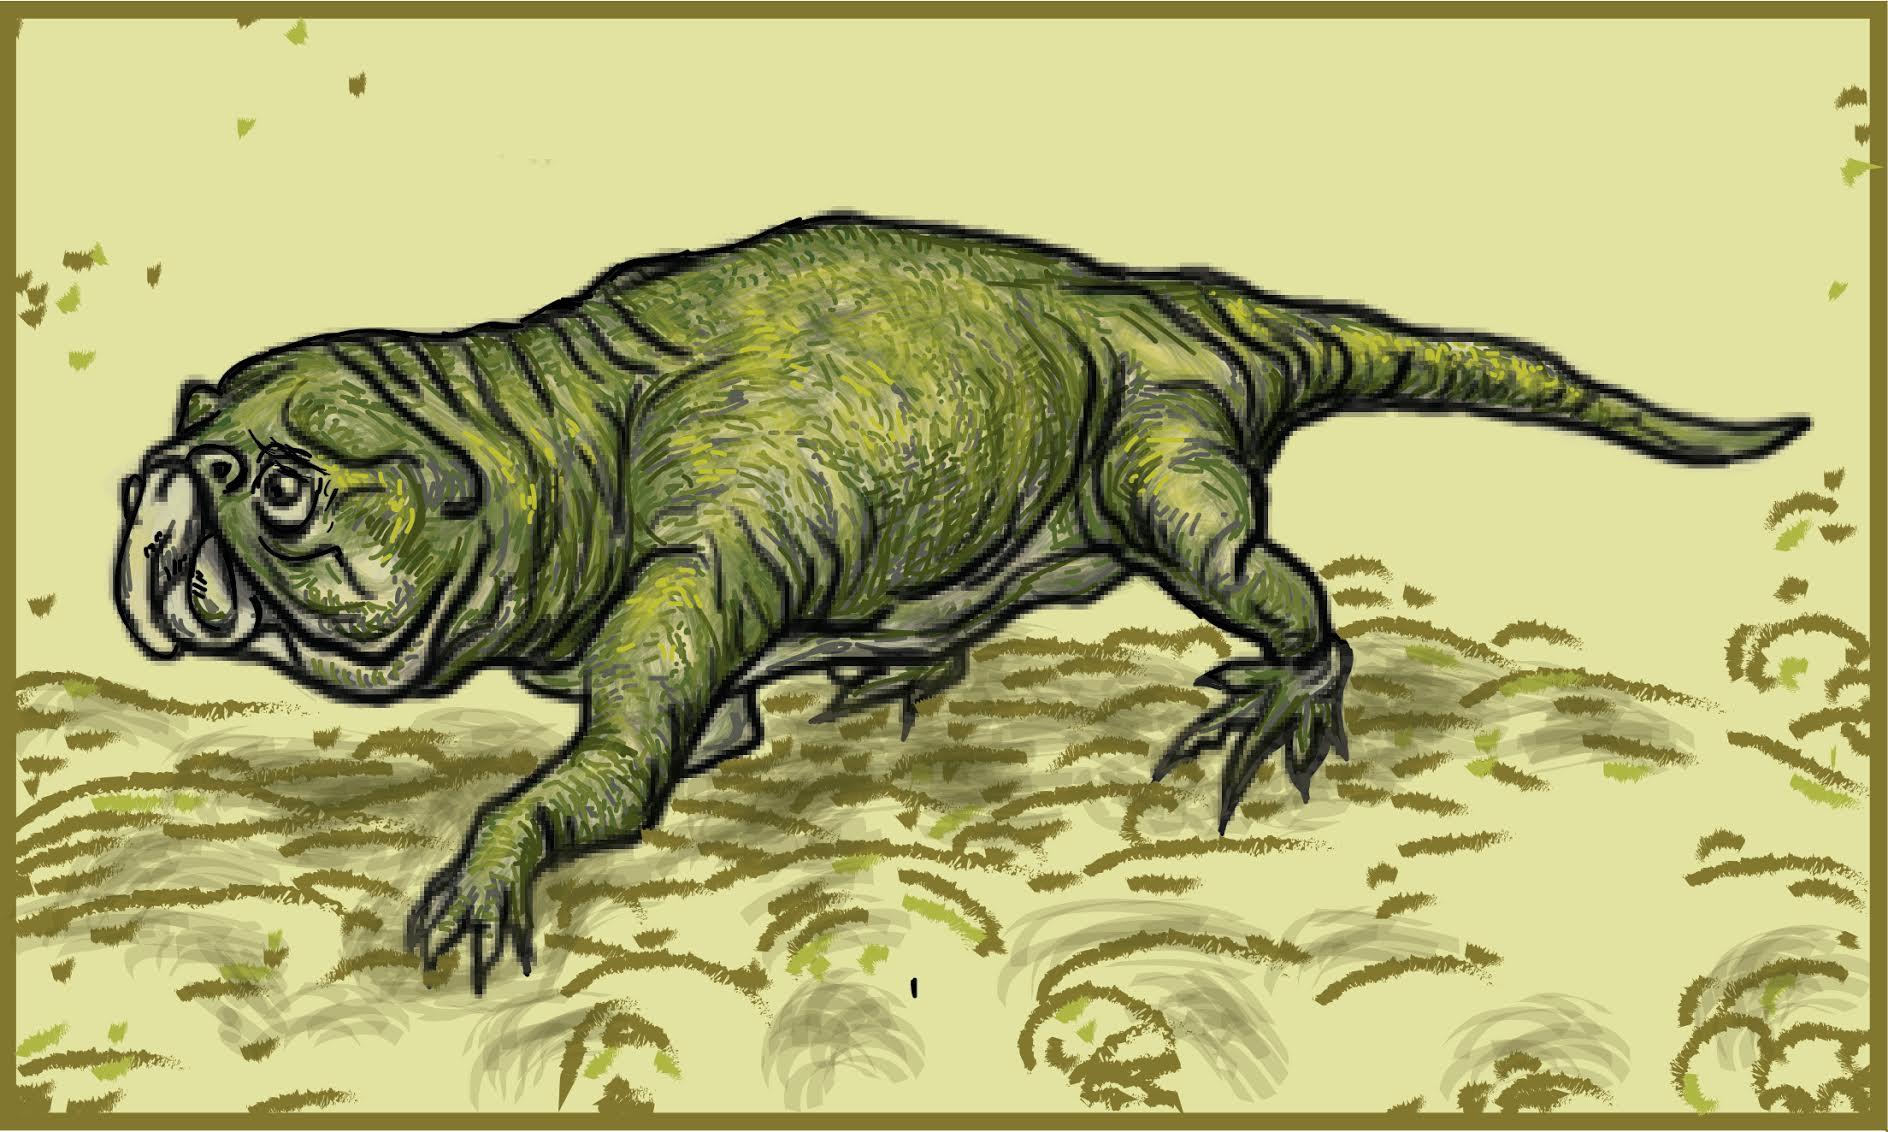 A rhynchosaur. Credit: Ita Mehrotra